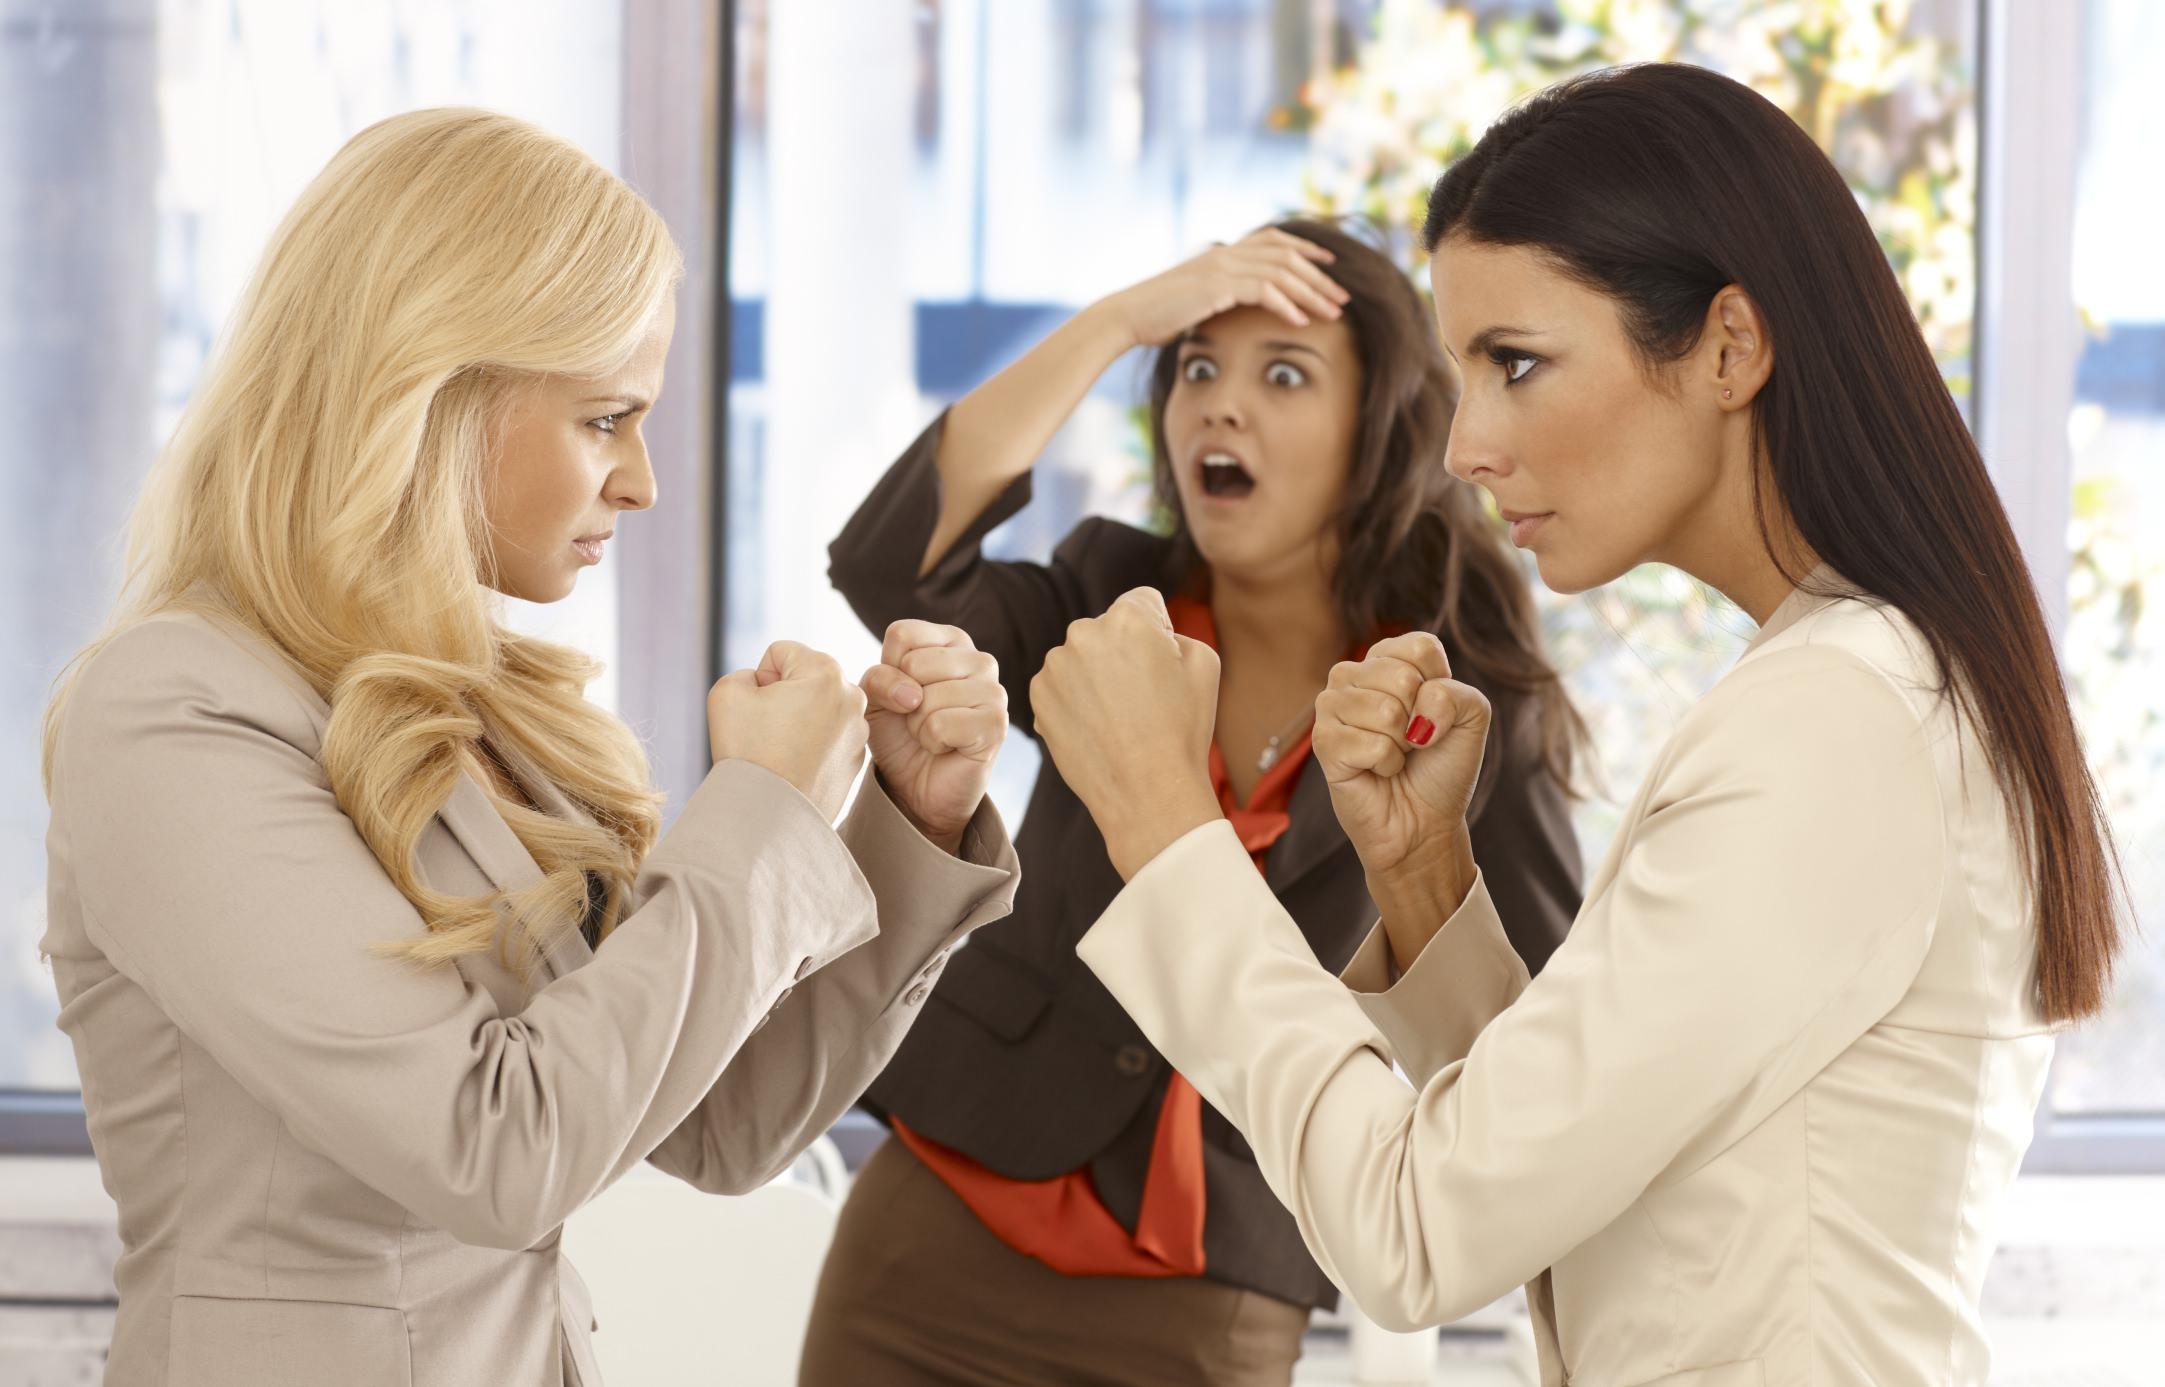 Без своевременной помощи человек обрекает себя на постоянные конфликты